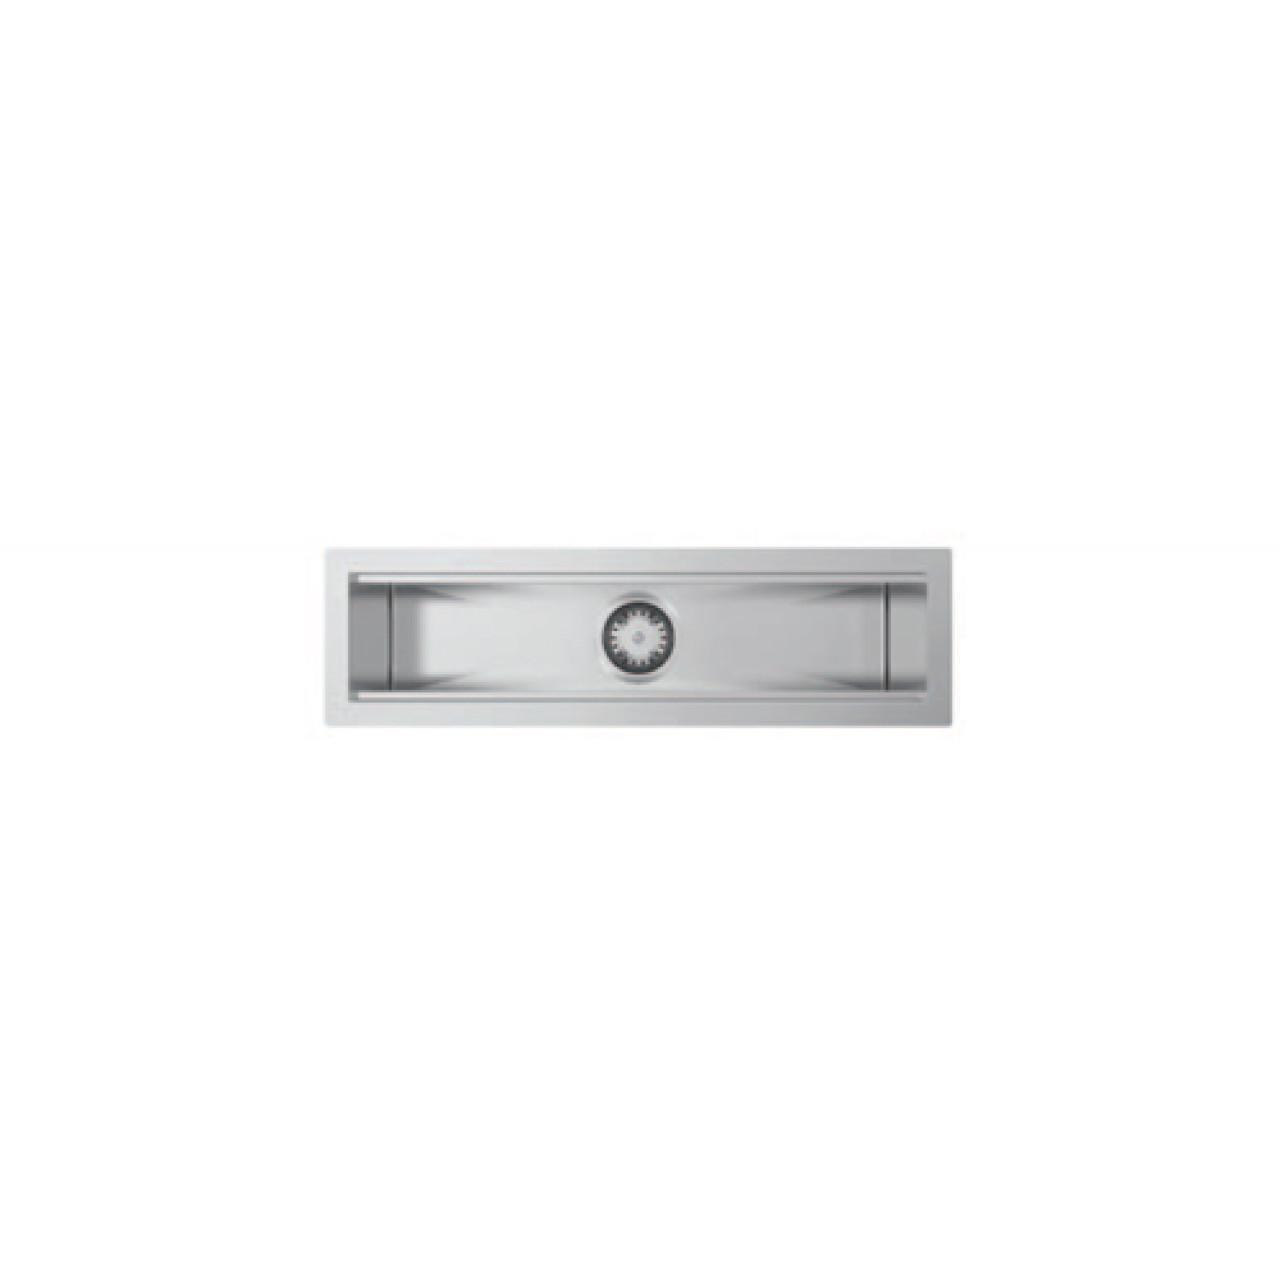 Кухонный блок Reginox Manhattan 70 L 685x195 OKG 43194 купить в Москве по цене от 42210р. в интернет-магазине mebel-v-vannu.ru